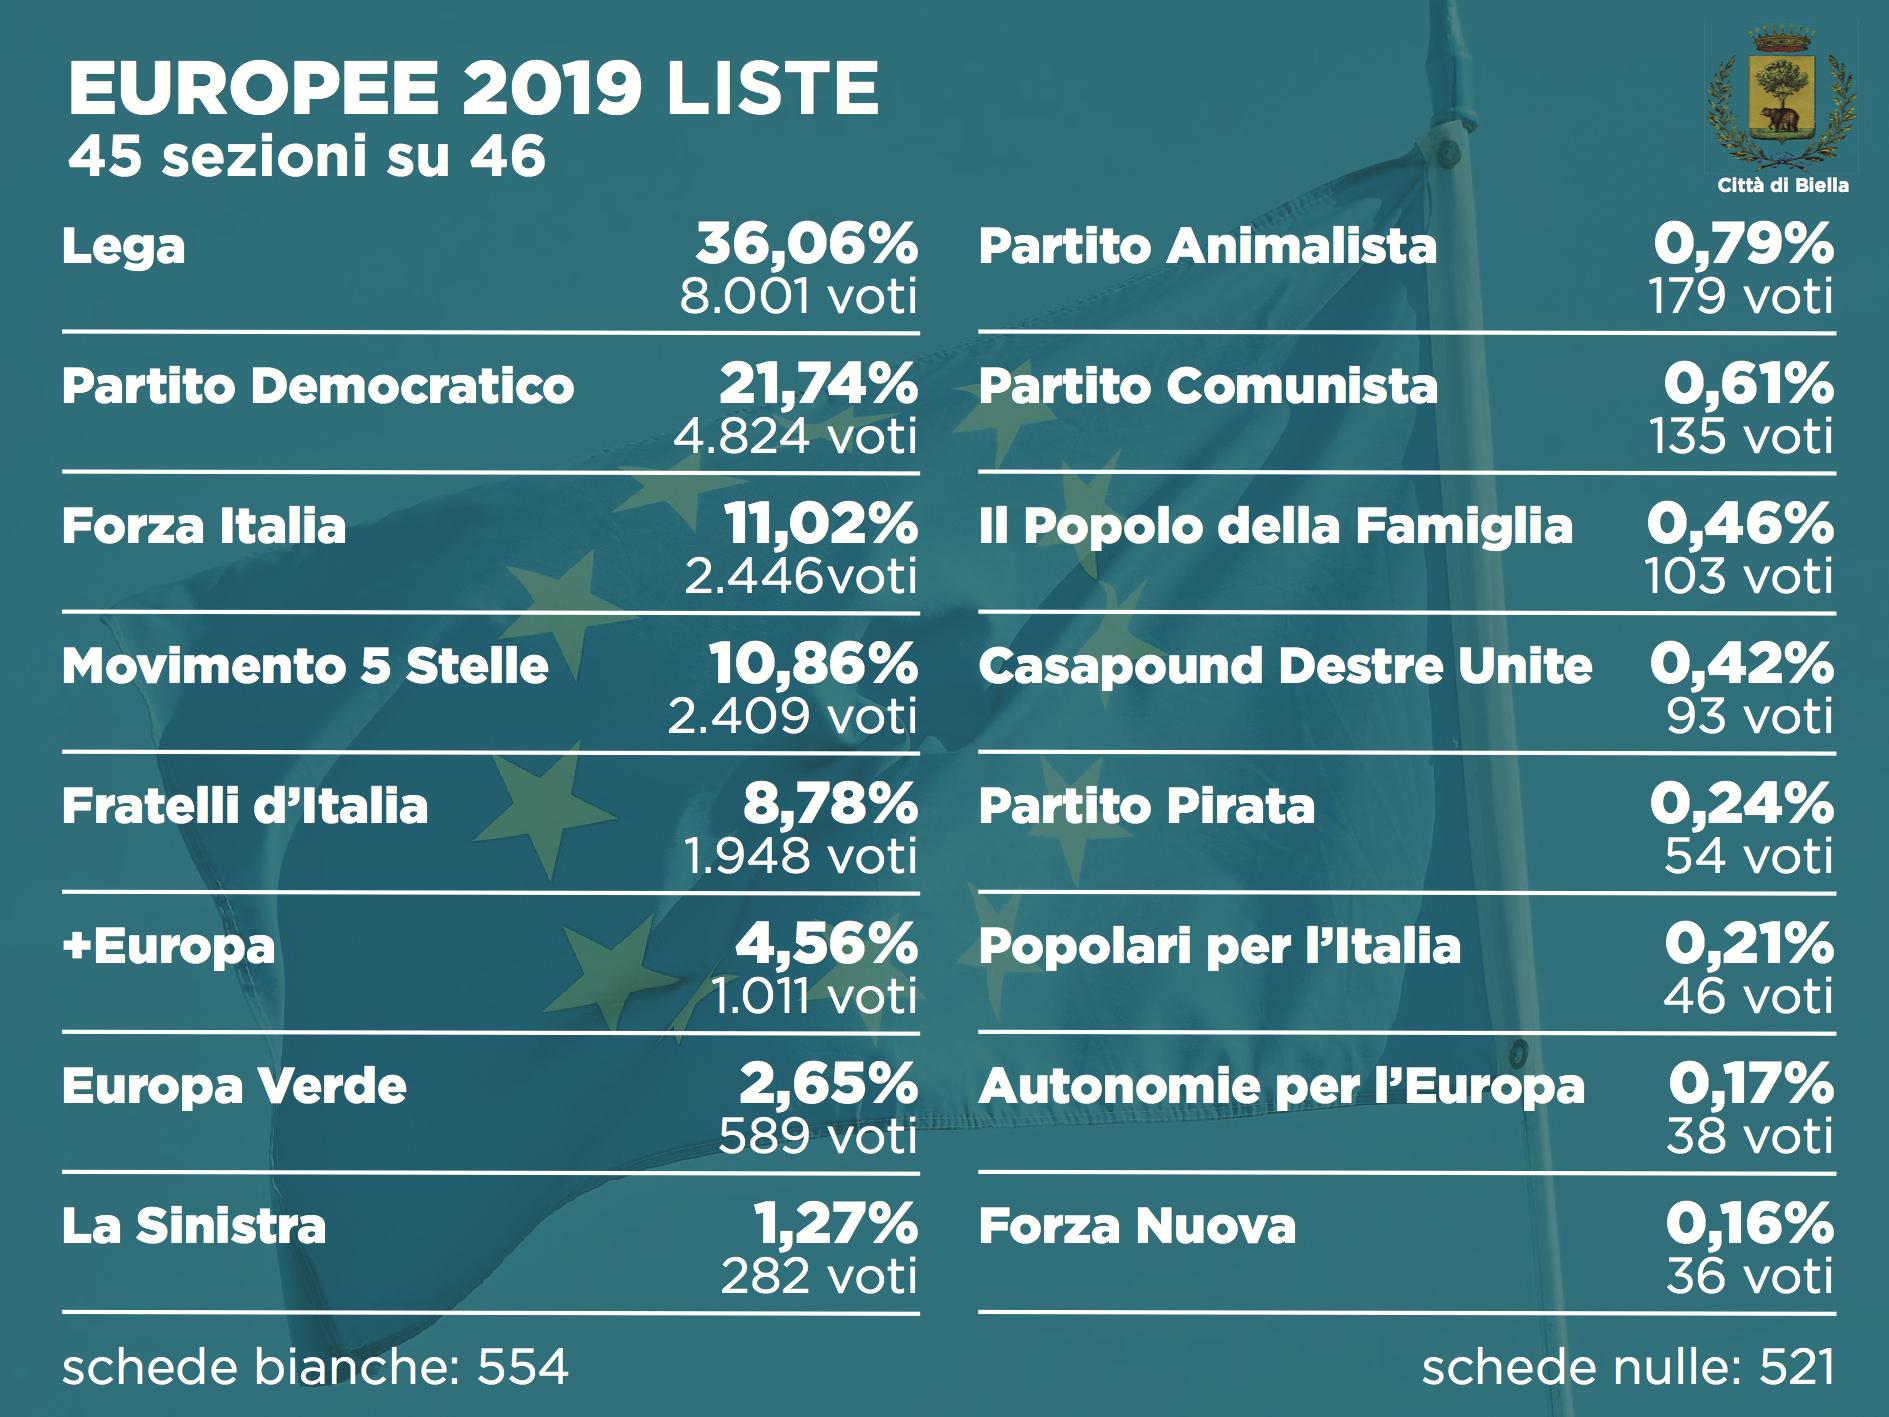 Elezioni 2019, i risultati alle europee dopo 45 sezioni